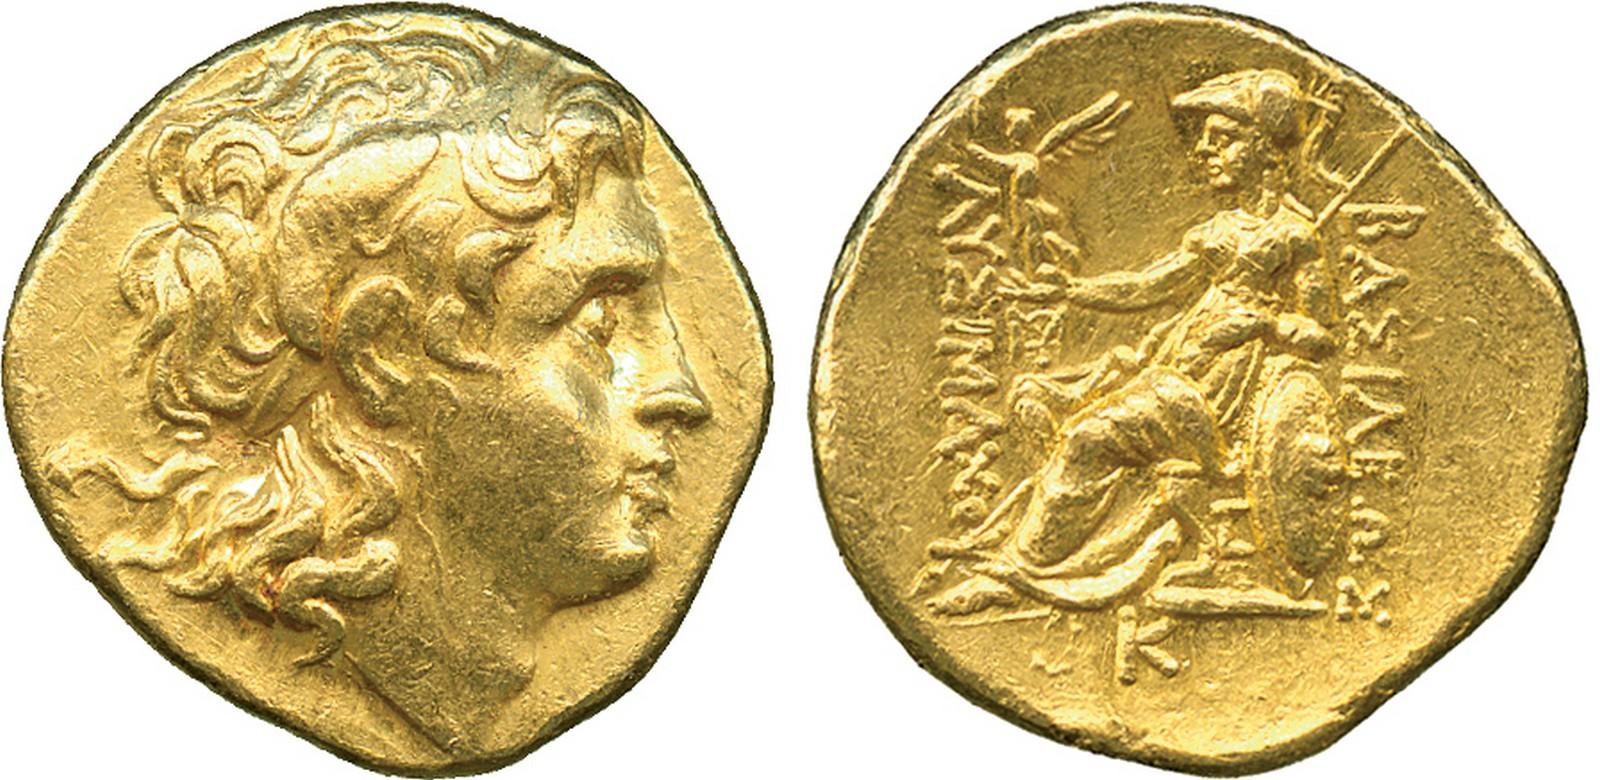 Monedă Lysimach din aur, furată din tezaurele dacice din Munții Orăștiei, recuperată din Milano